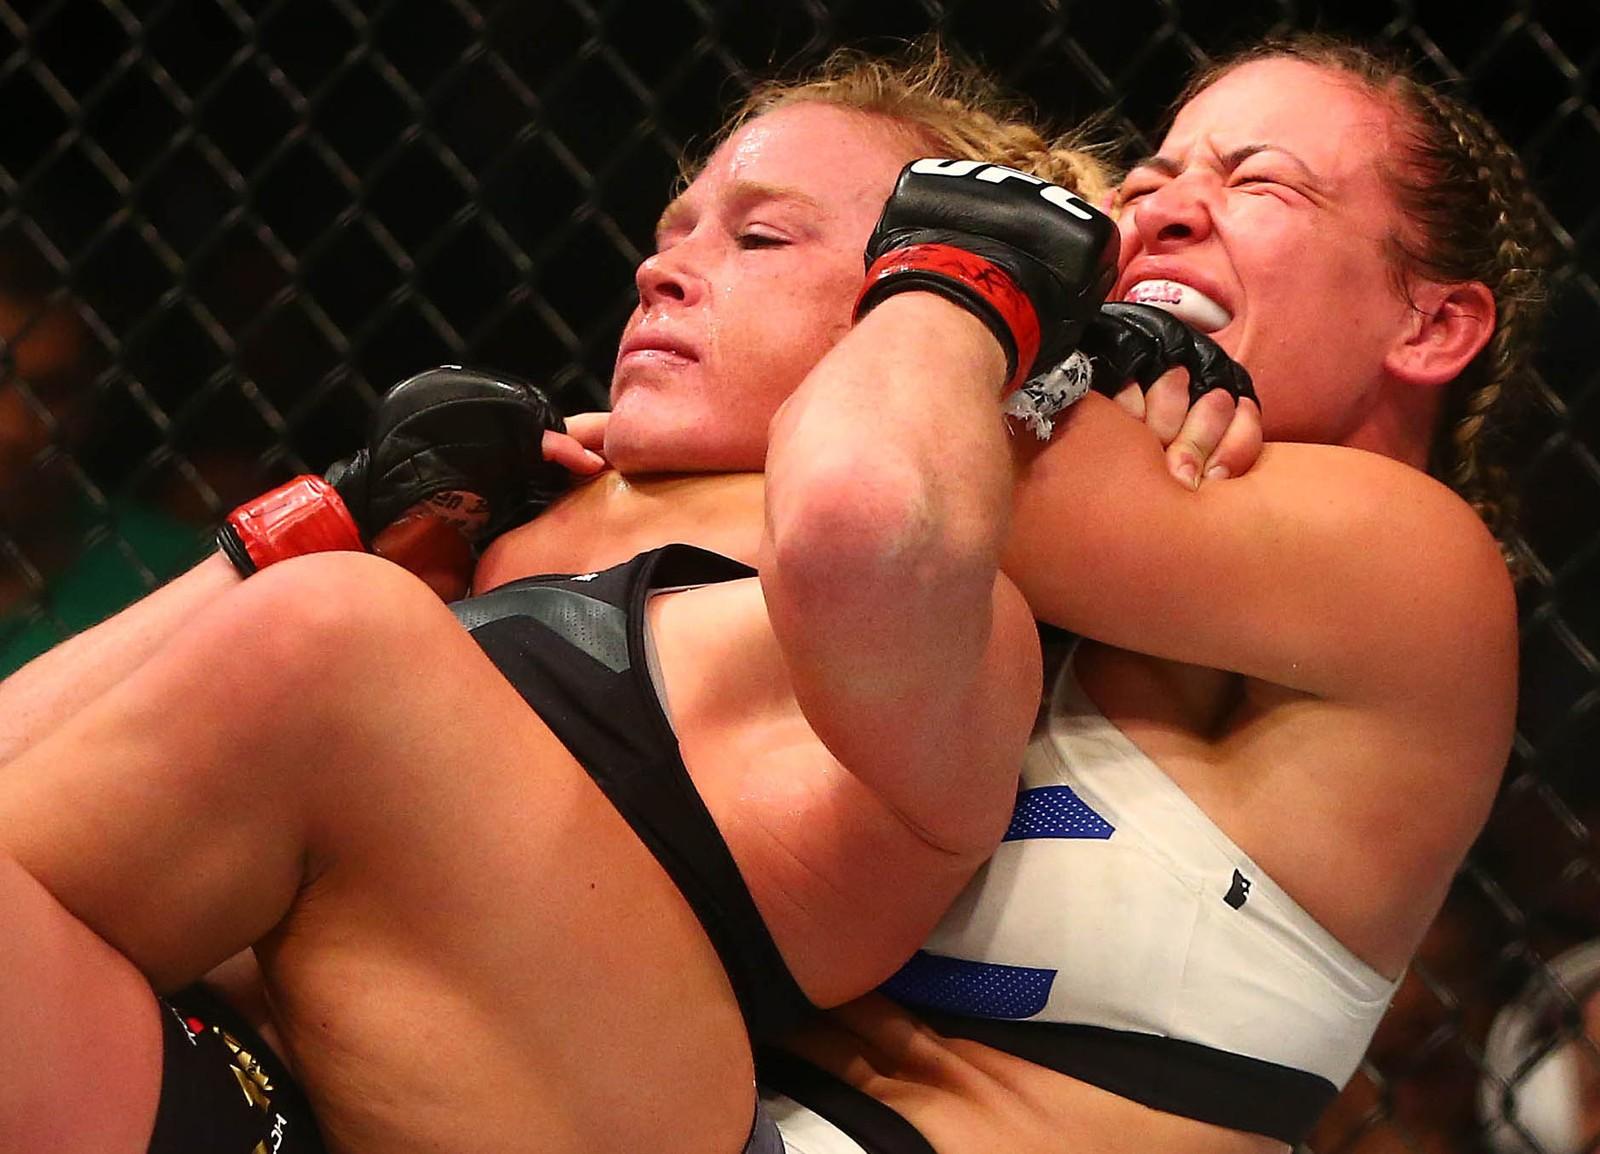 Her tek Miesha Tate eit «Rear Naked Choke» på Holly Holm i tittelkampen for kvinner i mars i år. Holly Holm blei kvalt medvitslaus.